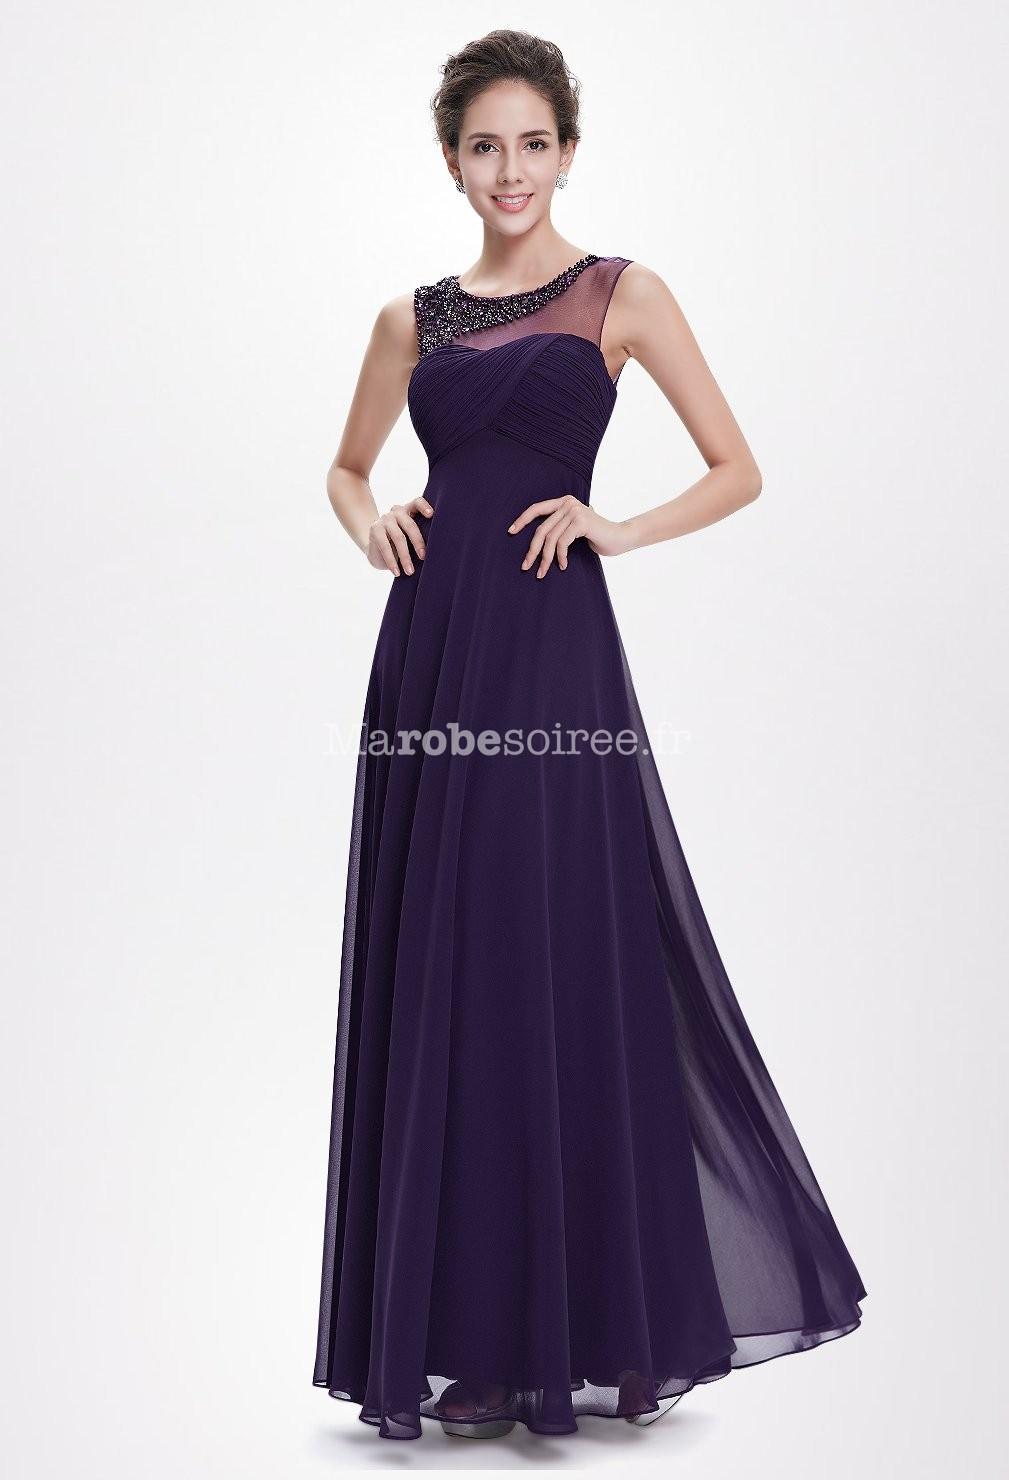 Robe de bal violet soutenu avec paulette paillet e for Robes de bal de plage robe de bal